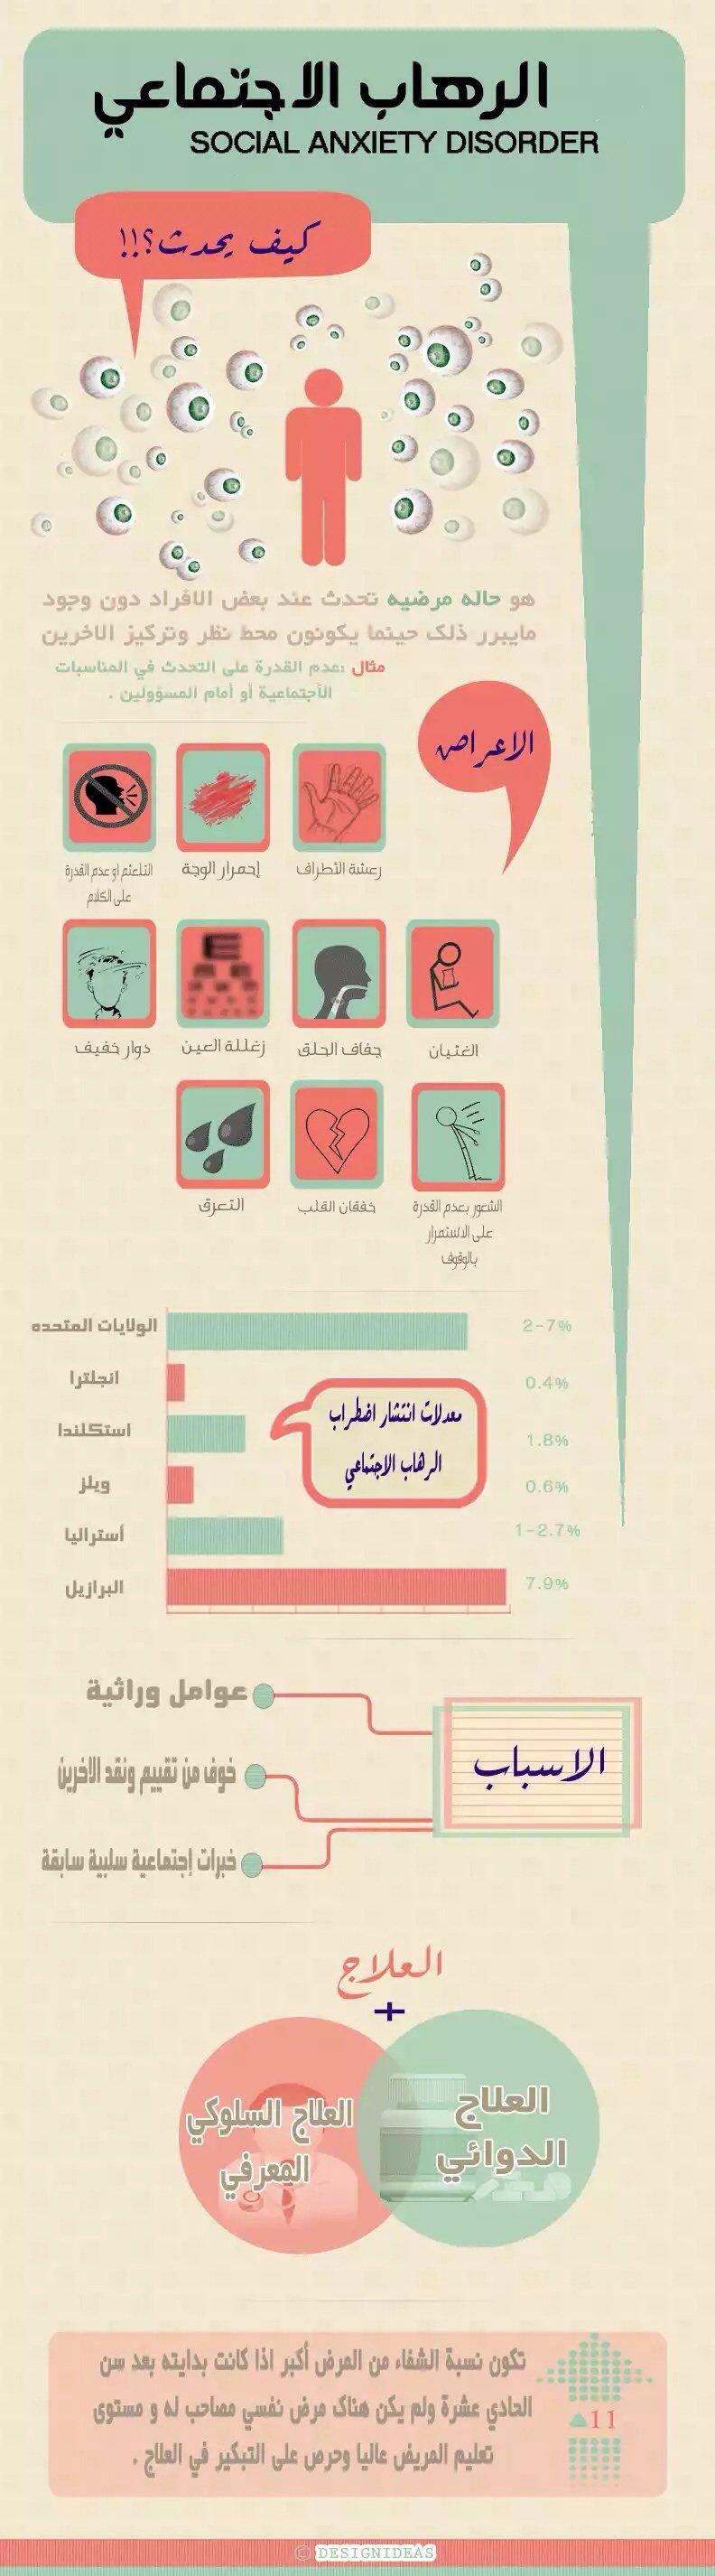 الرهاب الاجتماعي #انفوجرافيك